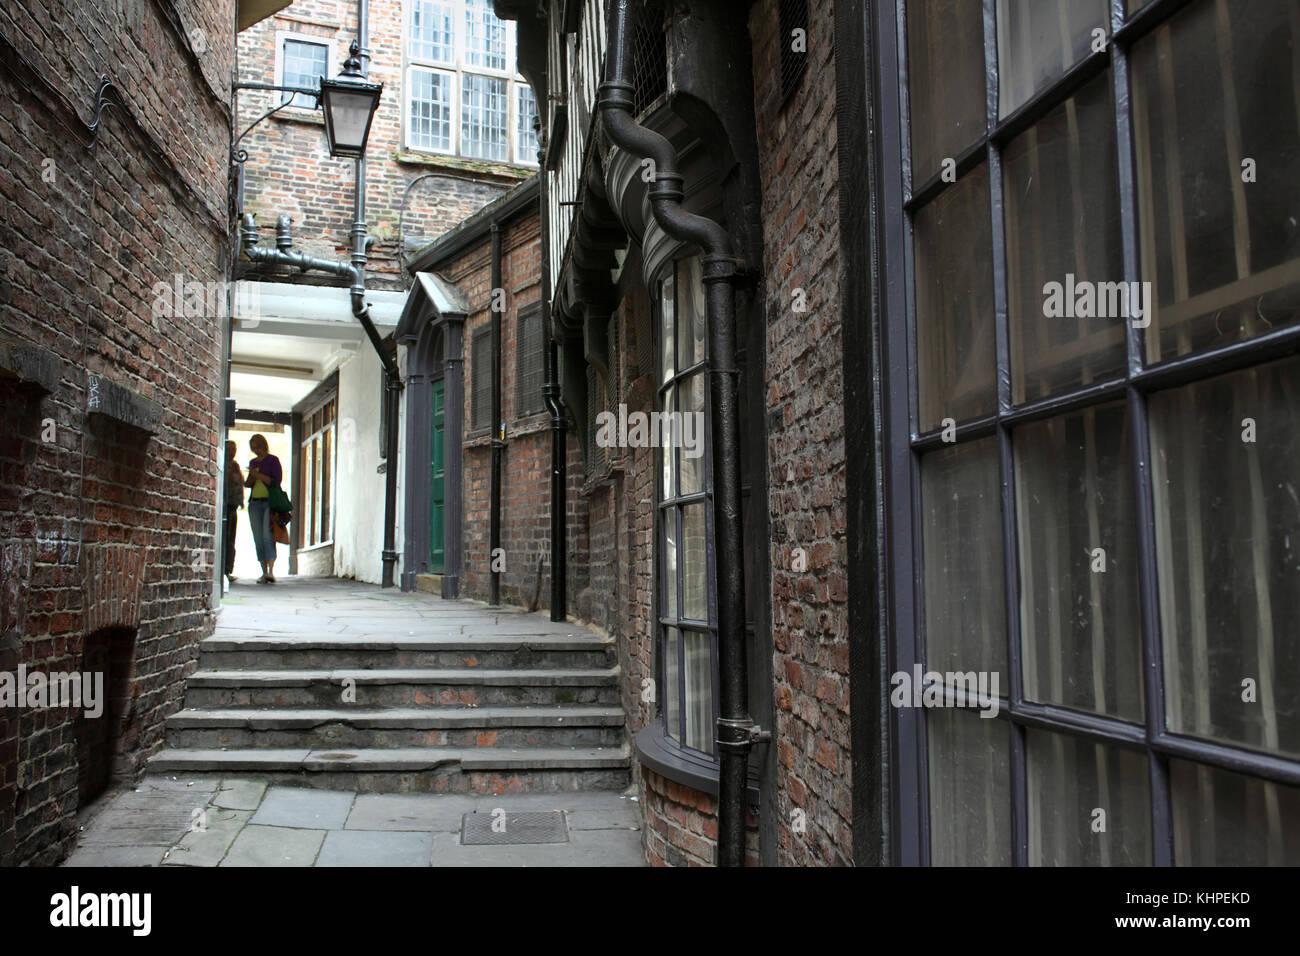 Lady peckett's Yard, l'une des nombreuses ruelles étroites qui se faufilent à travers le centre ville de New York. Banque D'Images